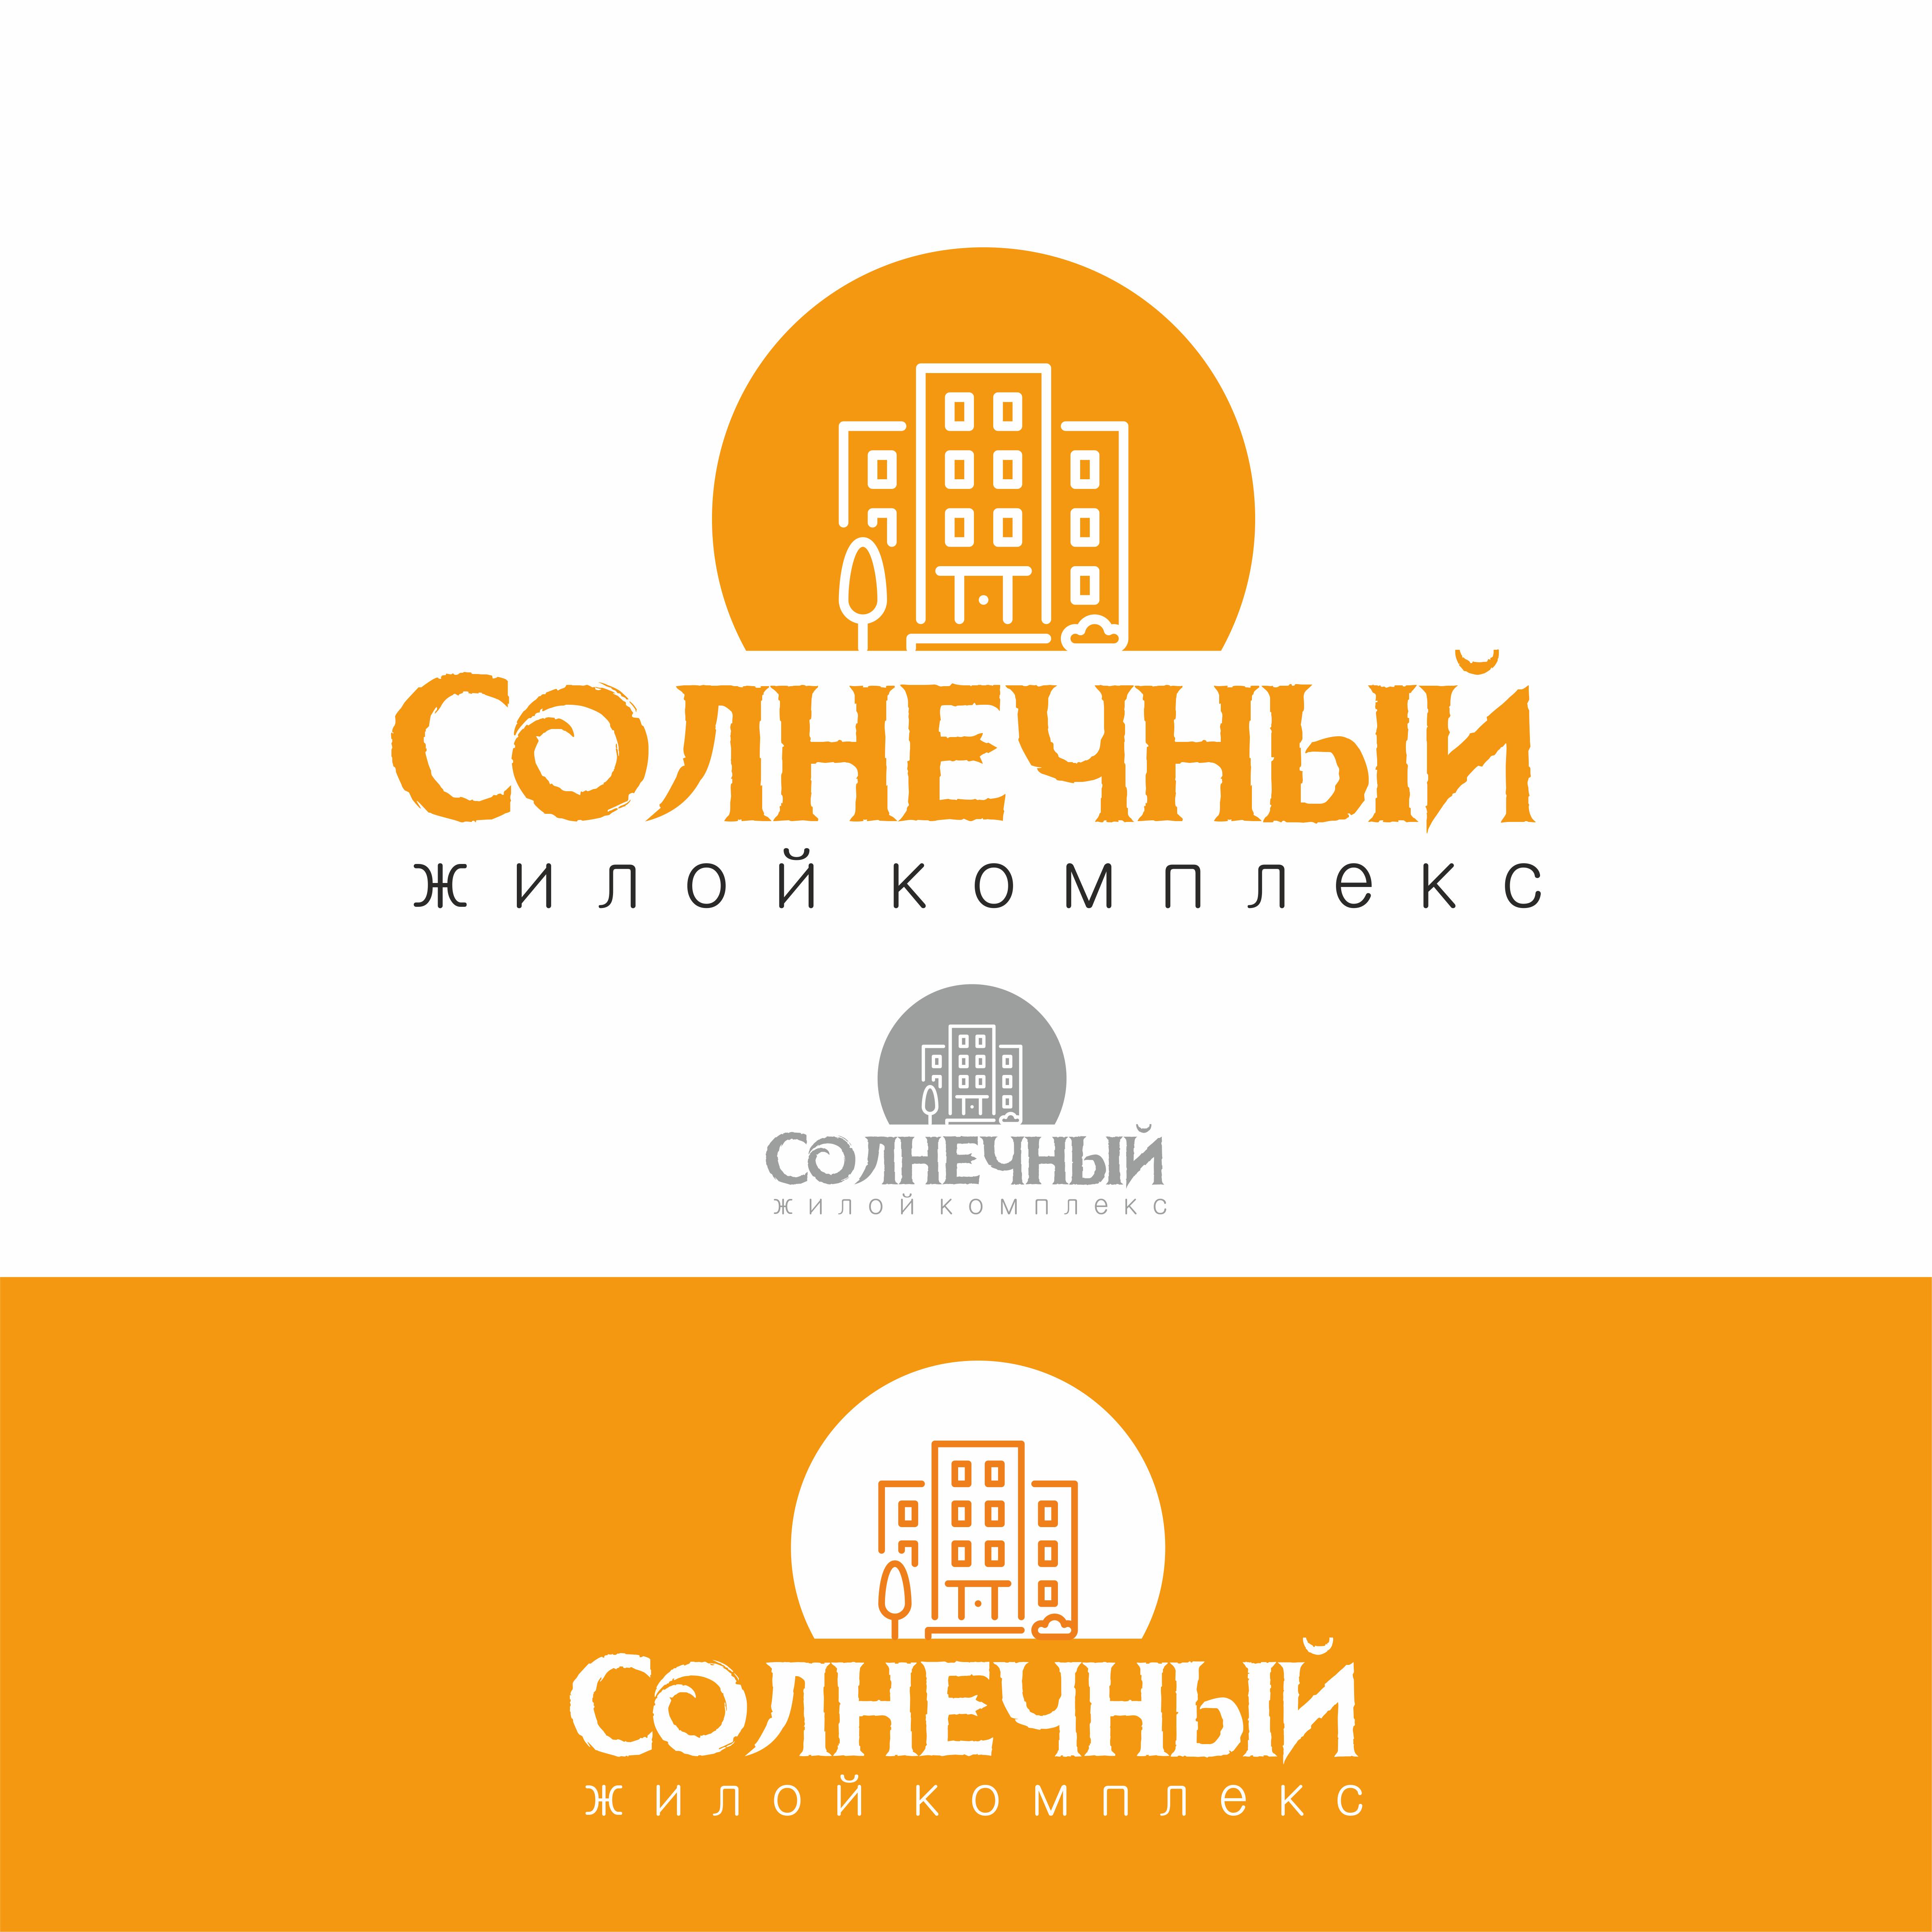 Разработка логотипа и фирменный стиль фото f_5765970db6959f4e.png